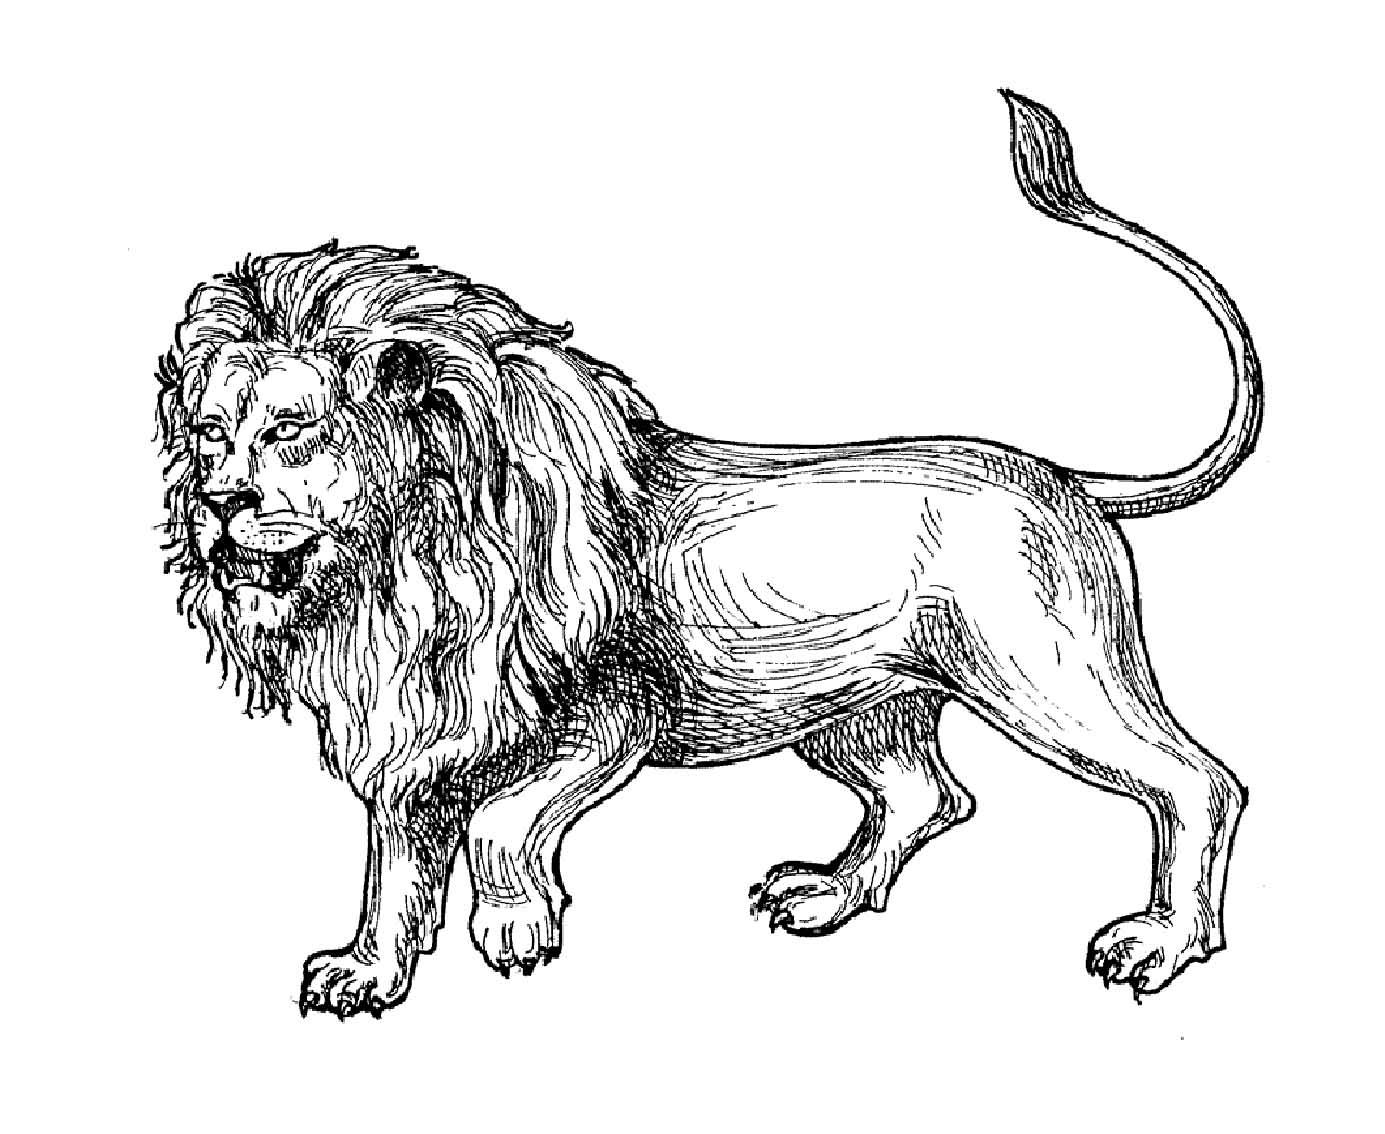 Coloriage De Lion Difficile.Lion Afrique Lions Coloriages Difficiles Pour Adultes